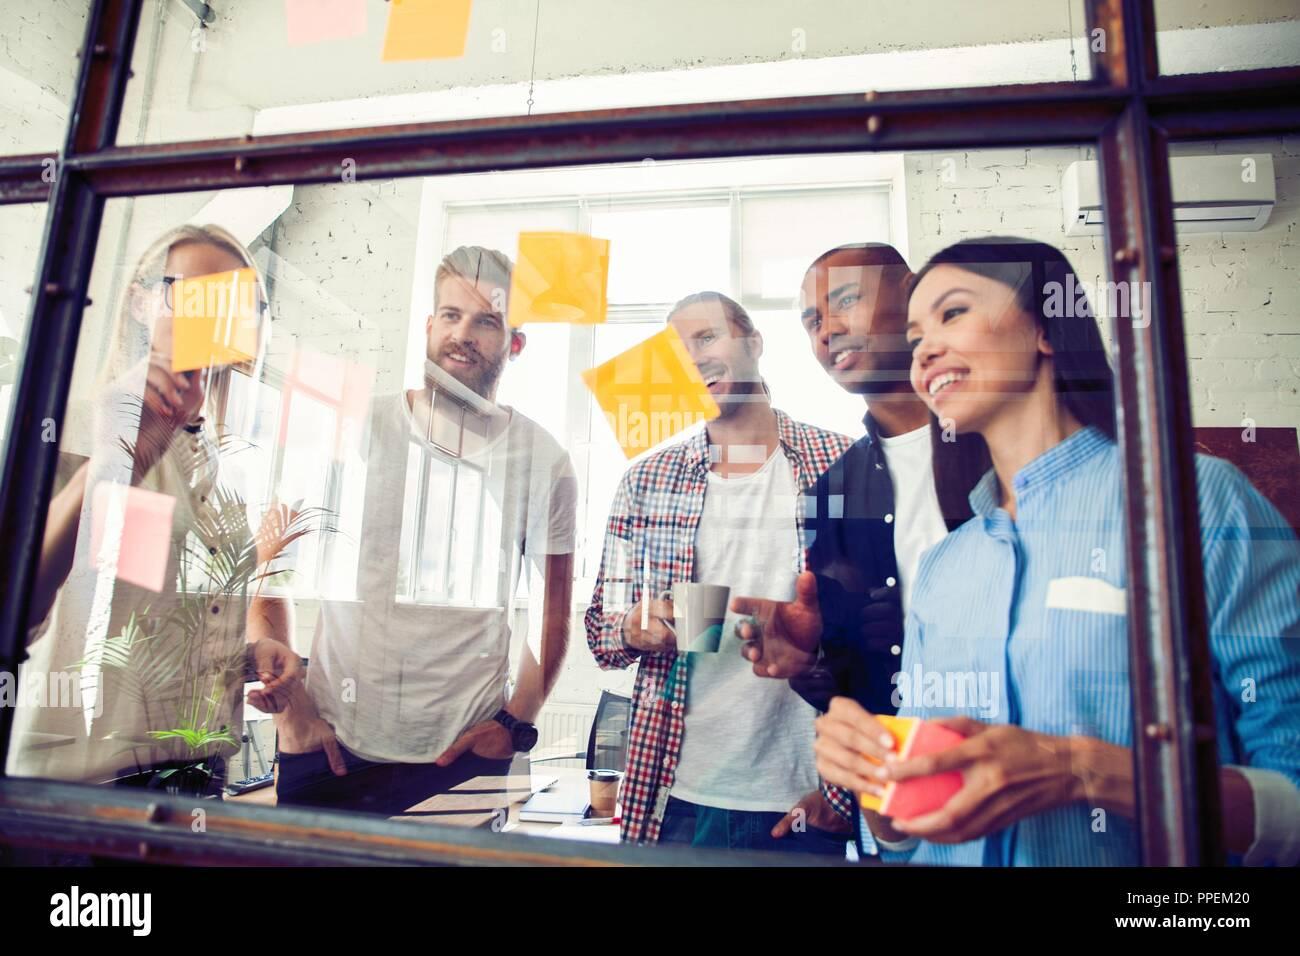 La gente di affari riunione in ufficio e uso di post-it per condividere idea. Concetto di brainstorming. Nota adesiva sulla parete di vetro Immagini Stock